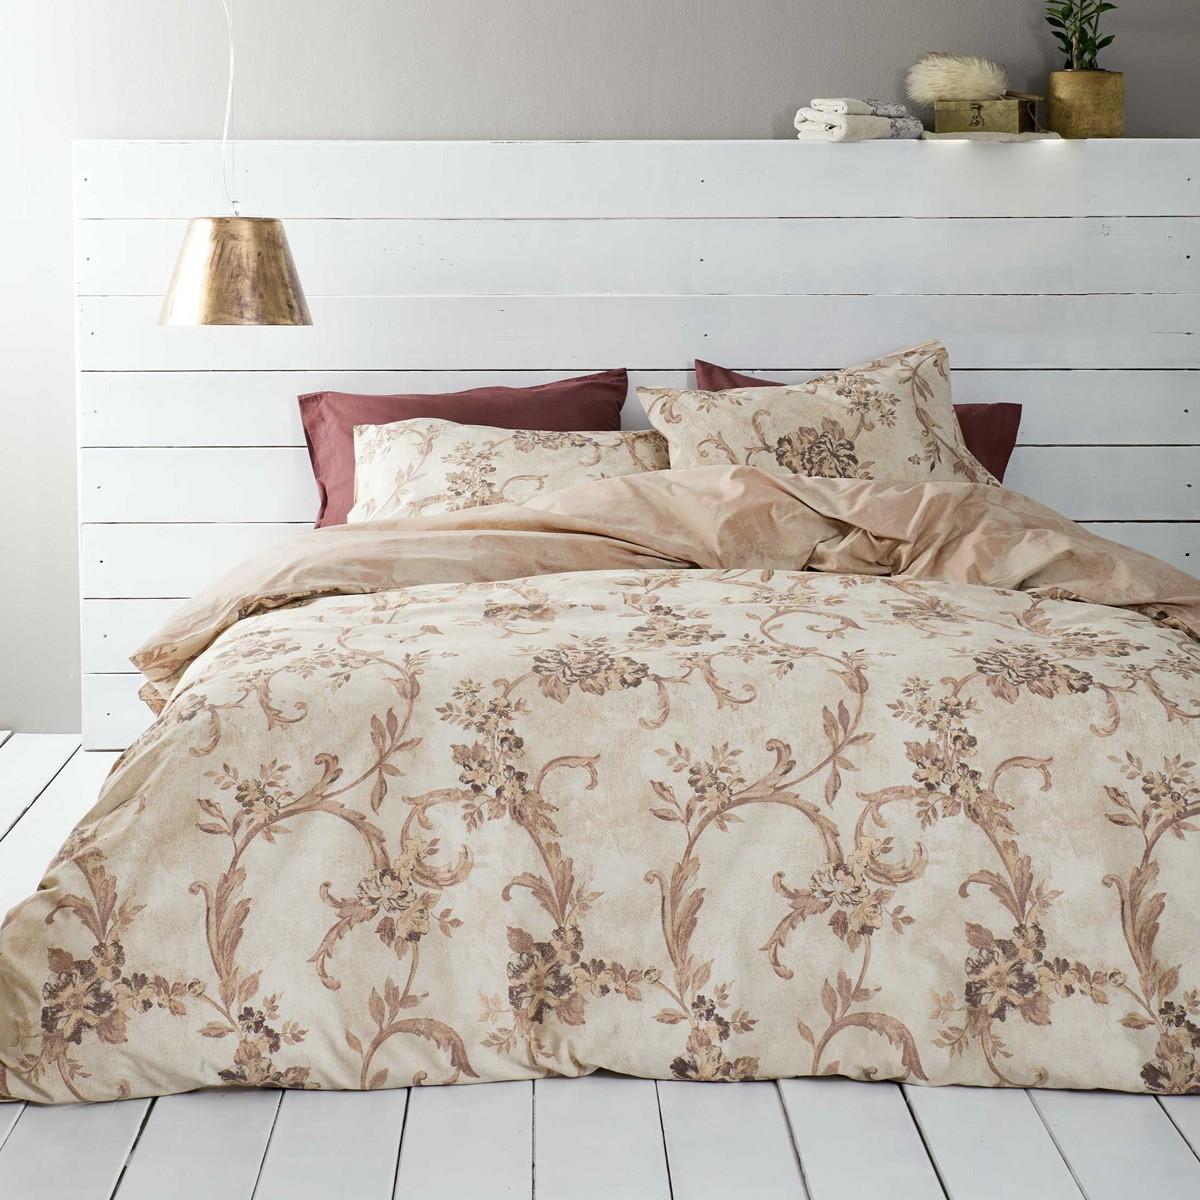 Παπλωματοθήκη Υπέρδιπλη (Σετ) Nima Bed Linen Segovia Beige